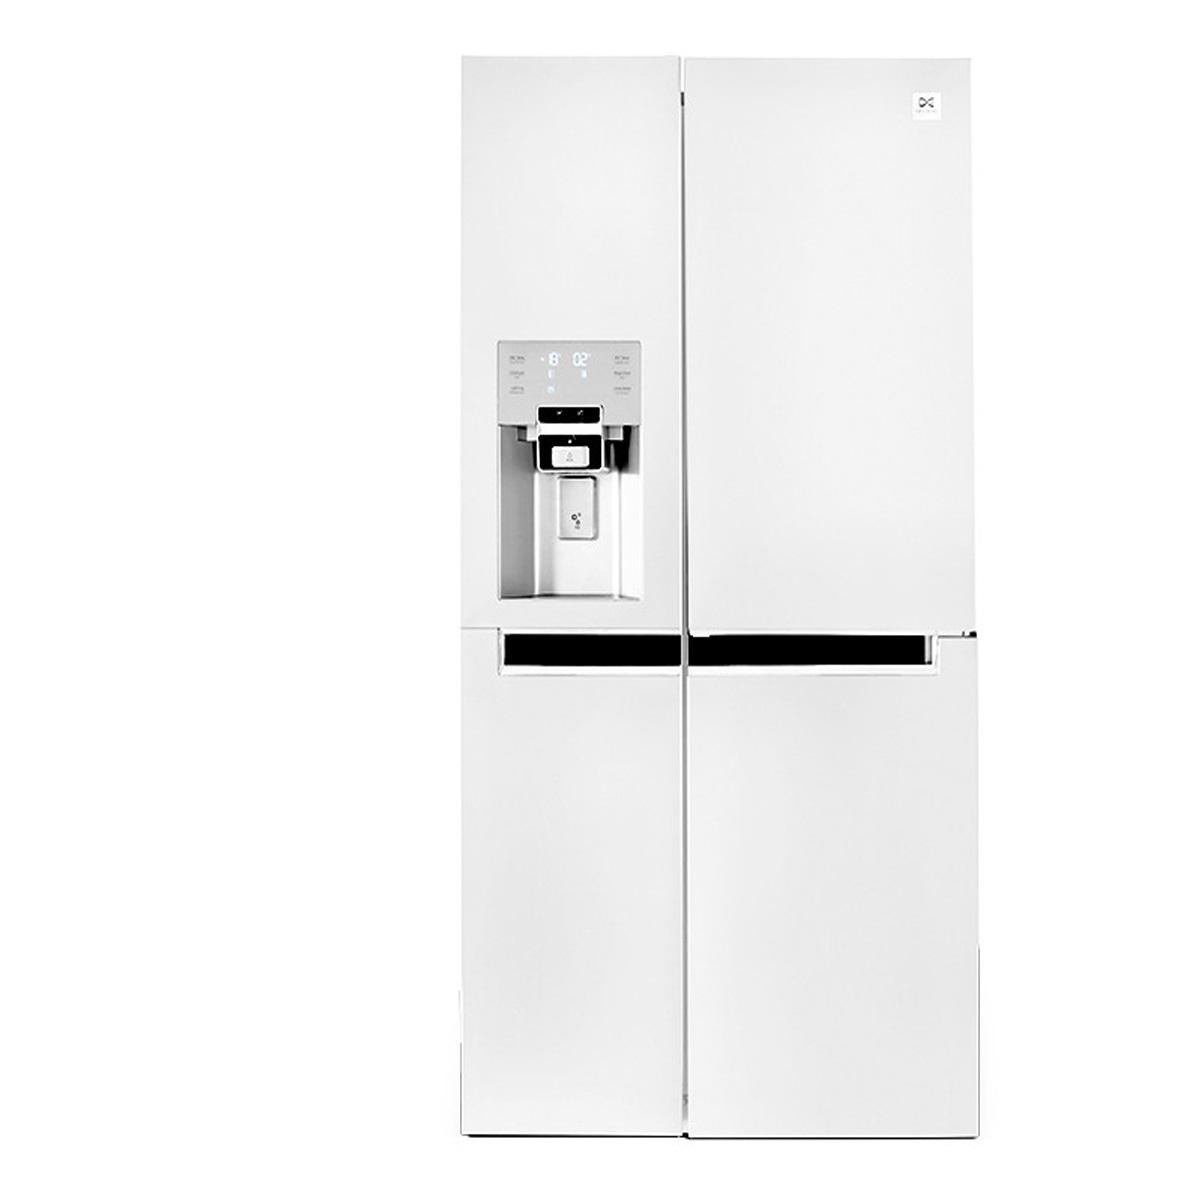 یخچال ساید پرایم سه درب دوو مدل D4S-0036WM رنگ سفید متالیک